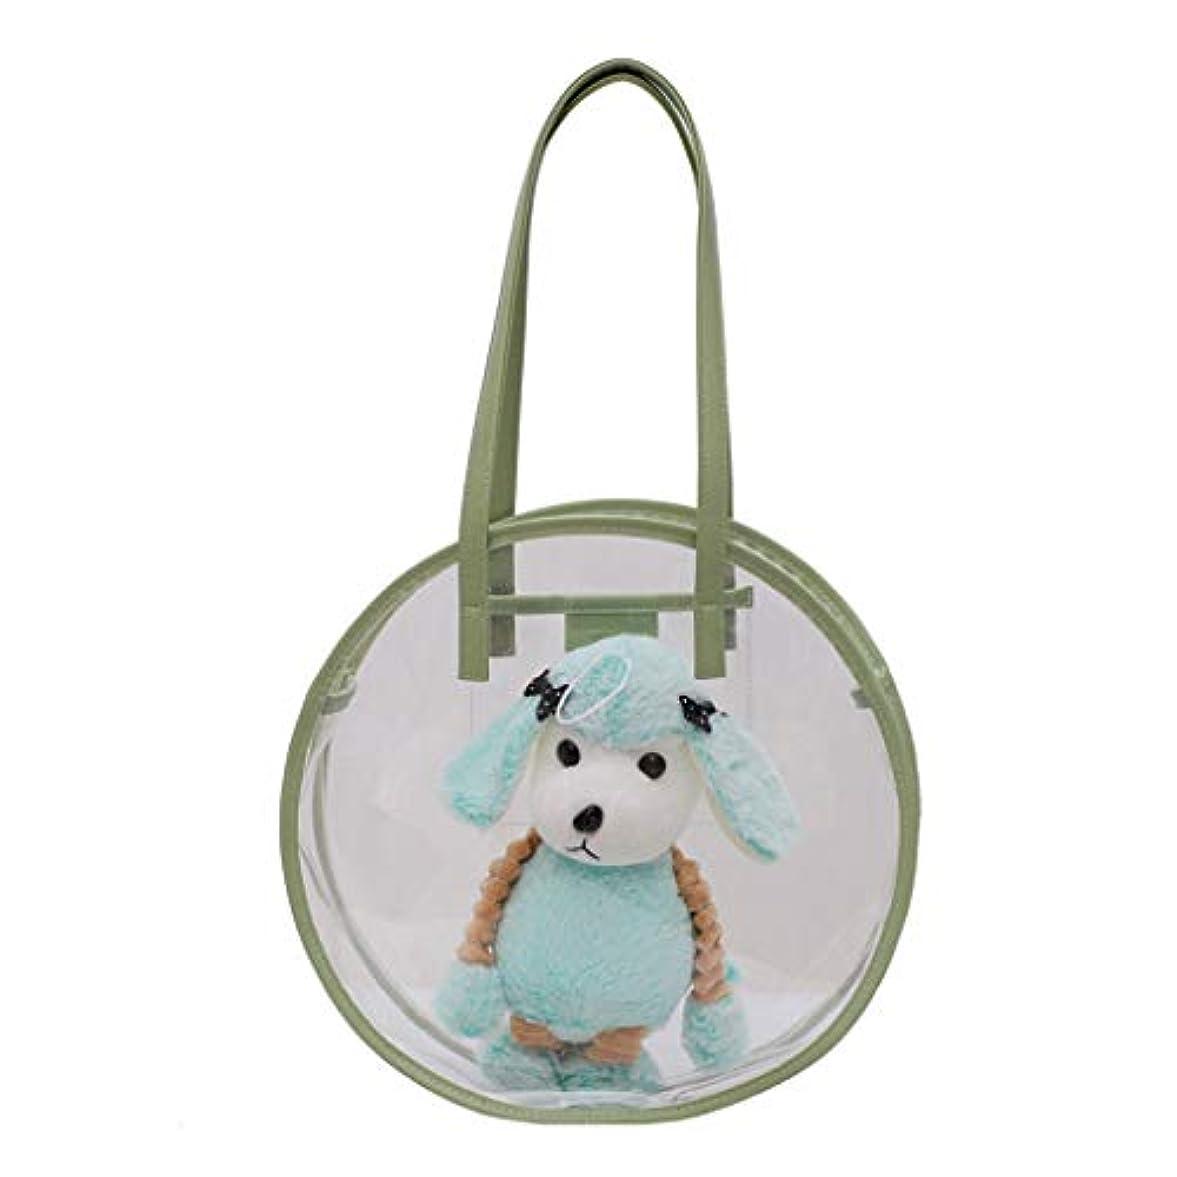 今日前文にはまってかわいいファッション 犬の特徴 透明防水 ビーチバッグ ポータブル 透明化粧品バッグ 旅行用メイクポーチ ジッパー 防水 トートバッグ 取り外し可能 調整 33X9X33cm 3色